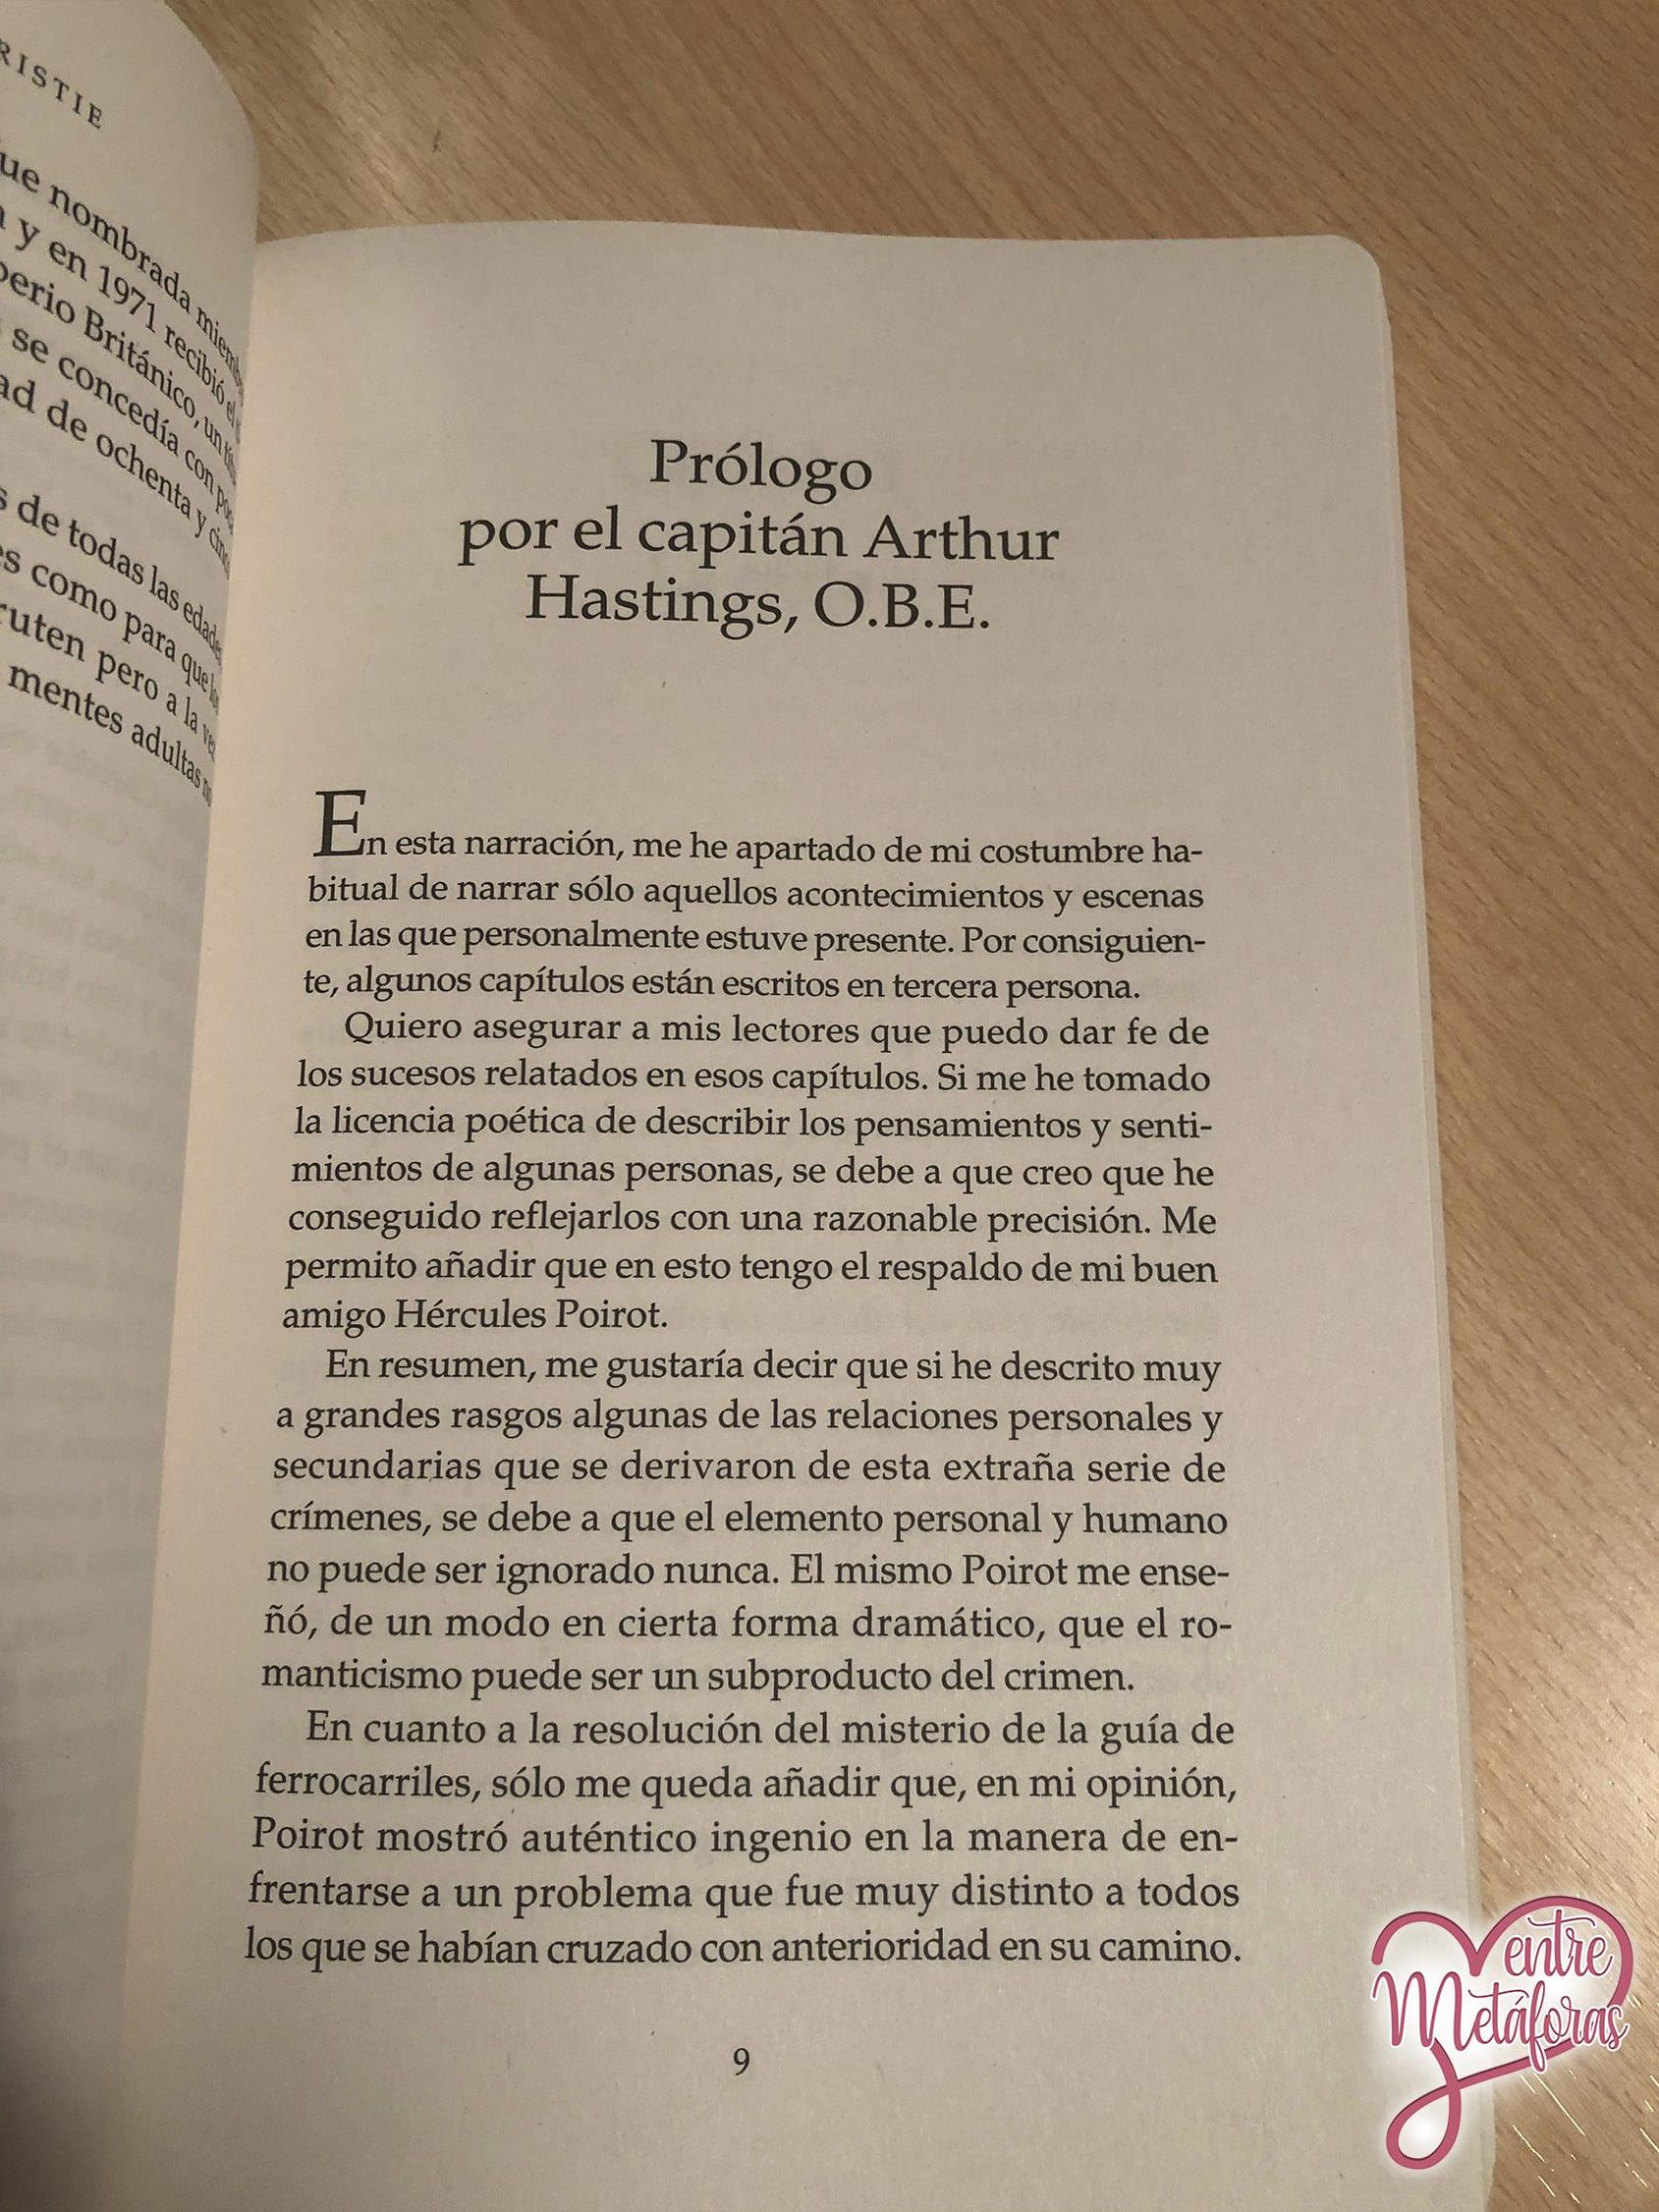 El misterio de la guía de ferrocarriles, de Agatha Christie - Reseña